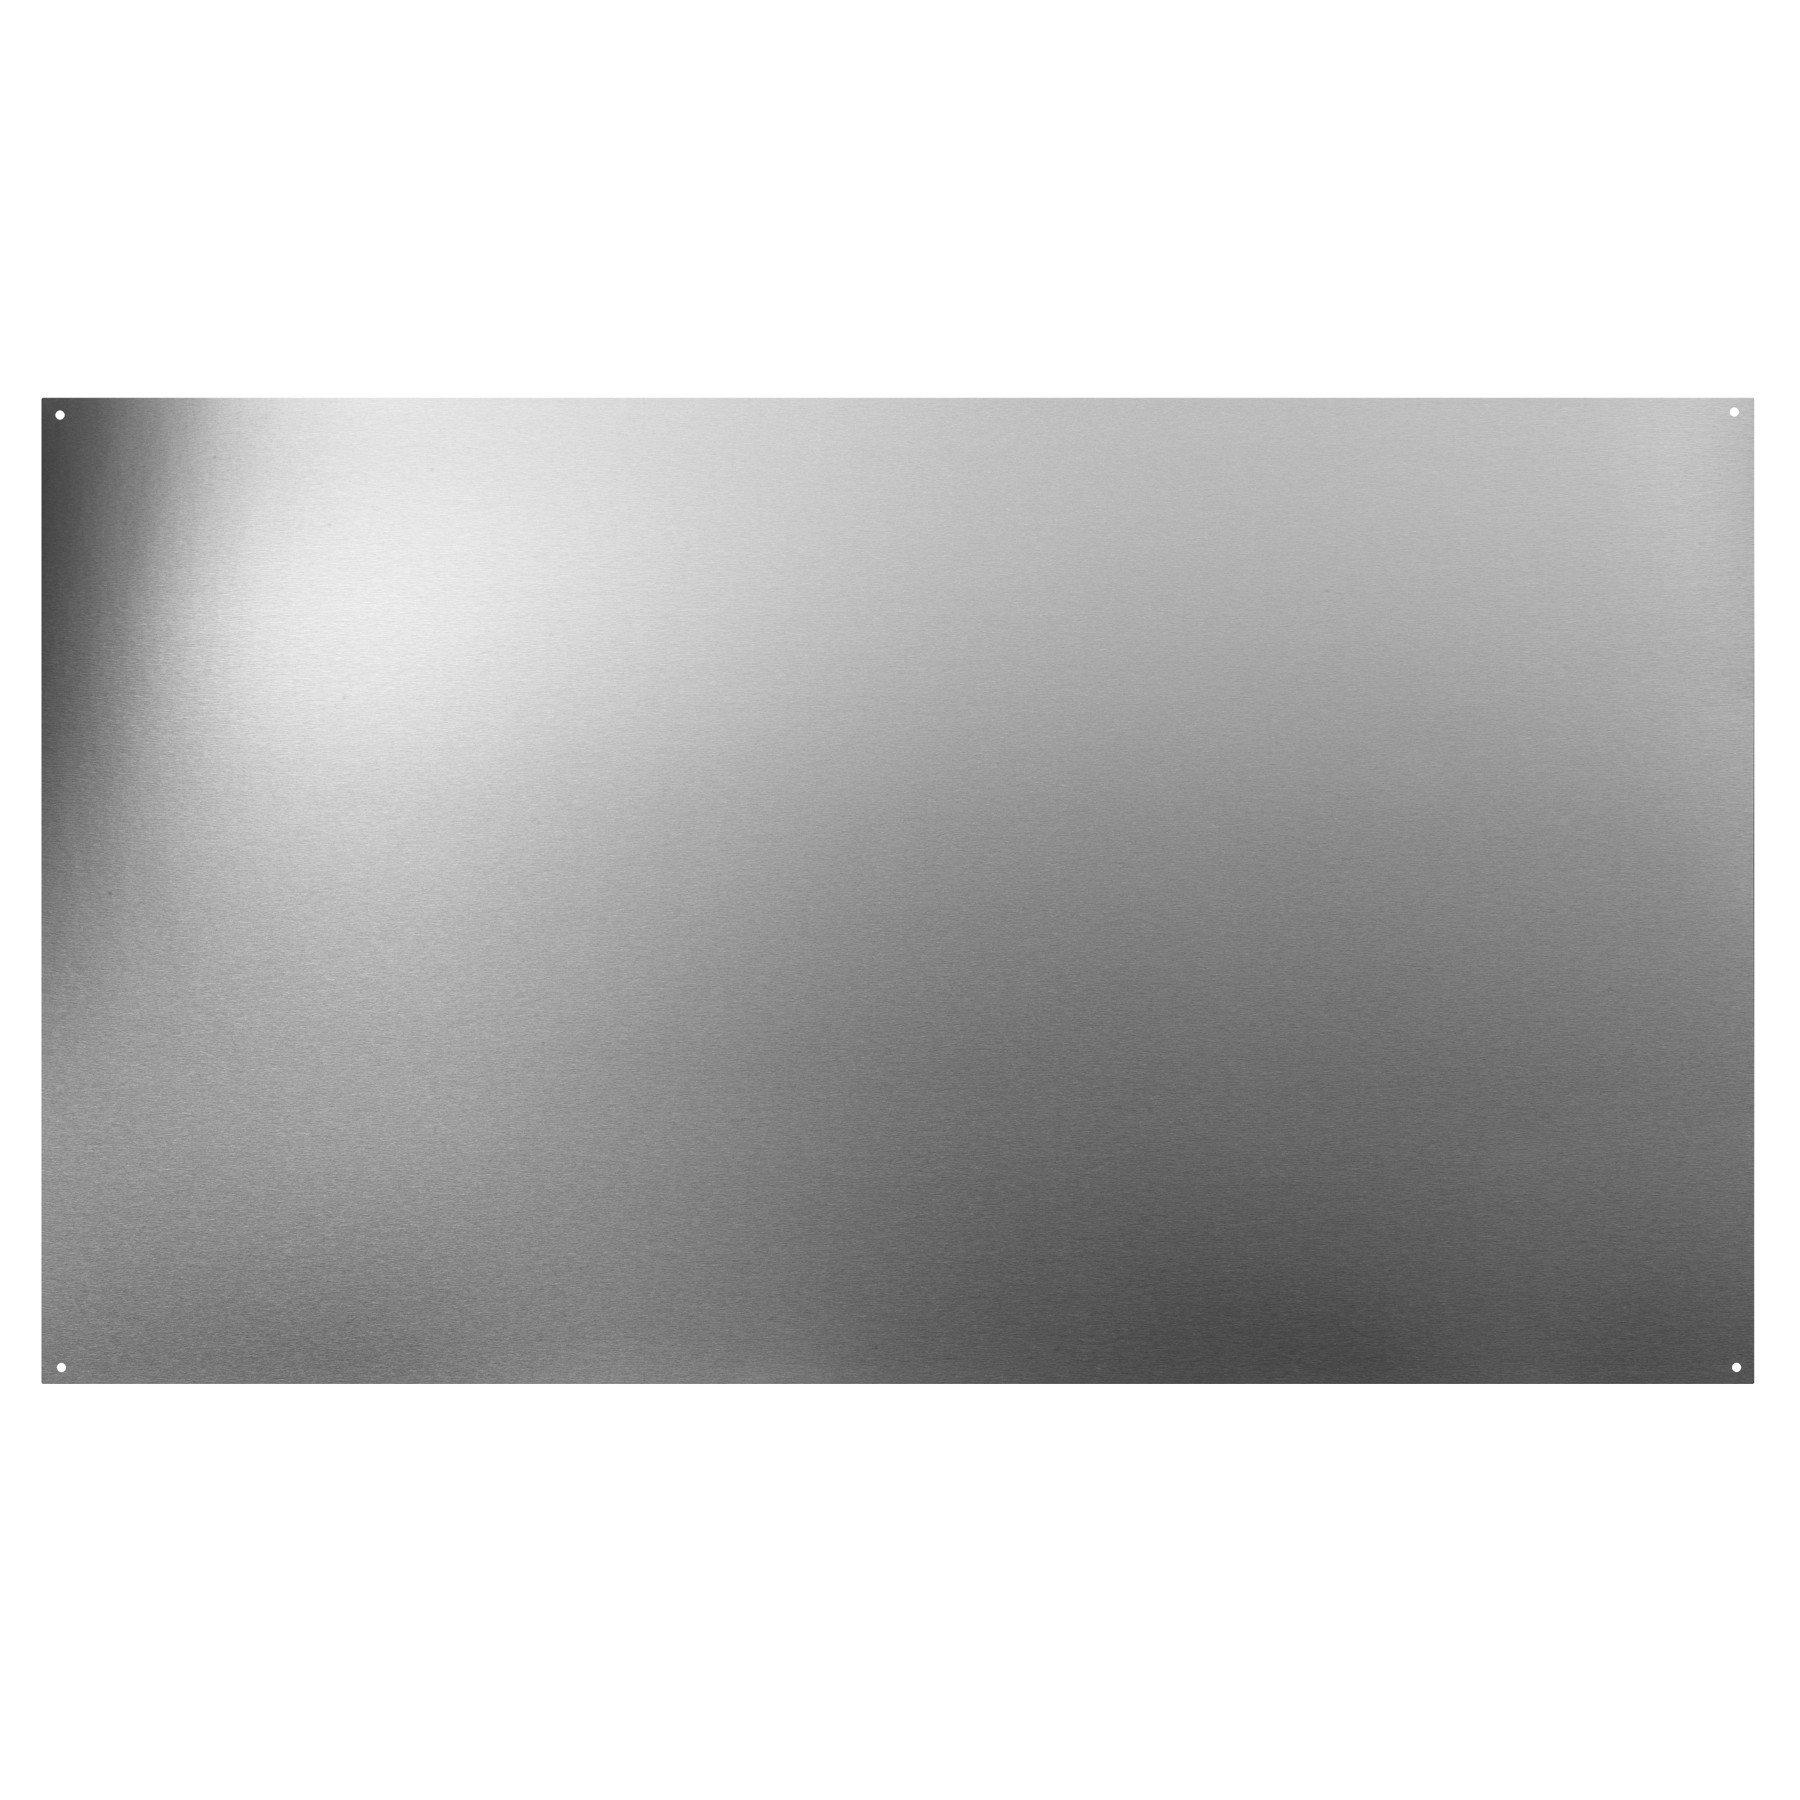 Broan SP4204 Backsplash Range Hood Wall Shield, 24 by 42-Inch, Stainless Steel